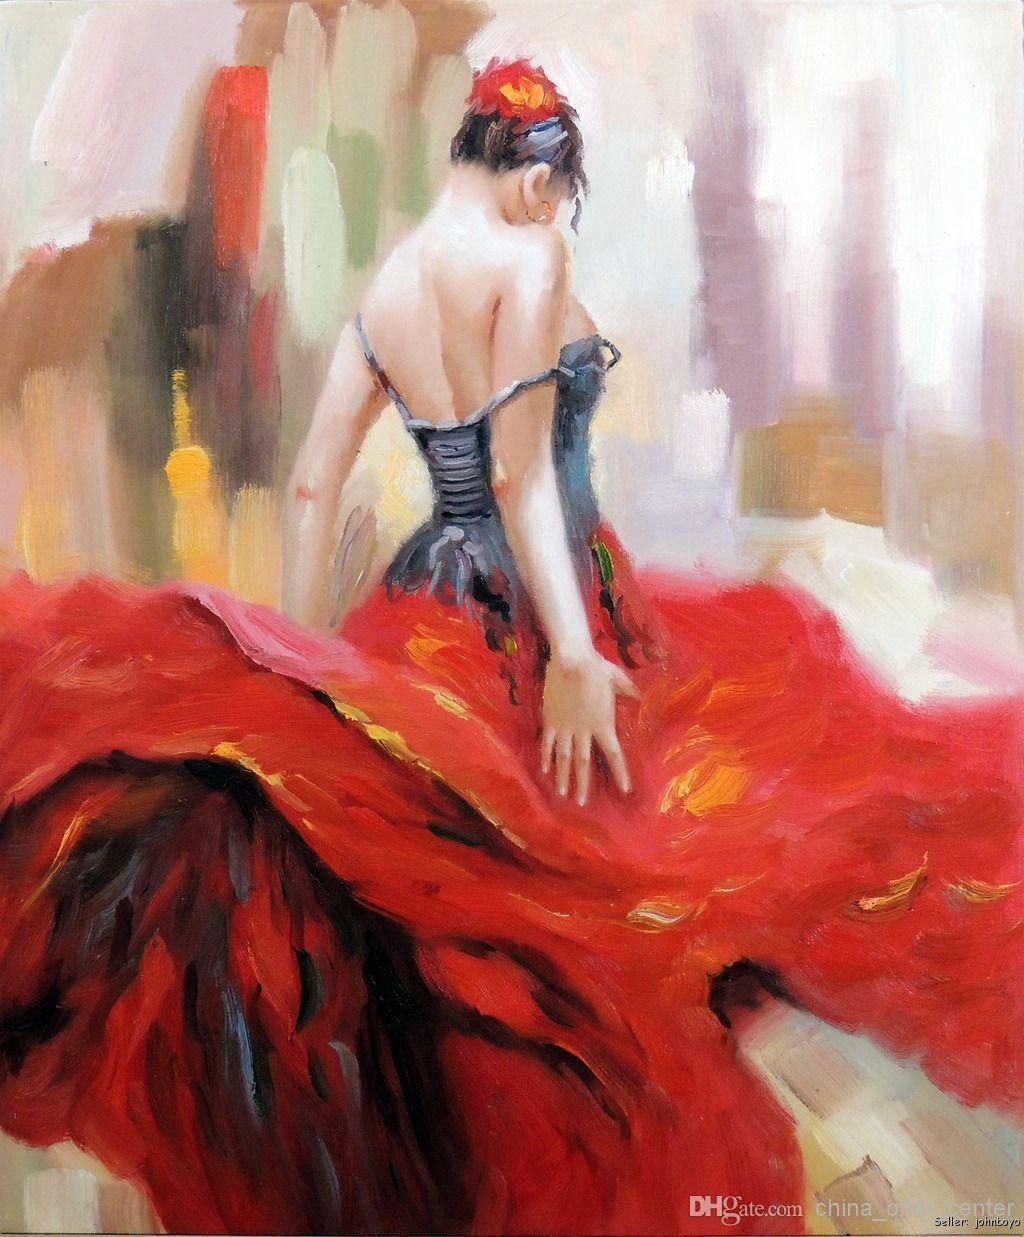 artisanat peinture l 39 huile portrait vente de danseur de flamenco espagnol gypsy hot sur toile. Black Bedroom Furniture Sets. Home Design Ideas